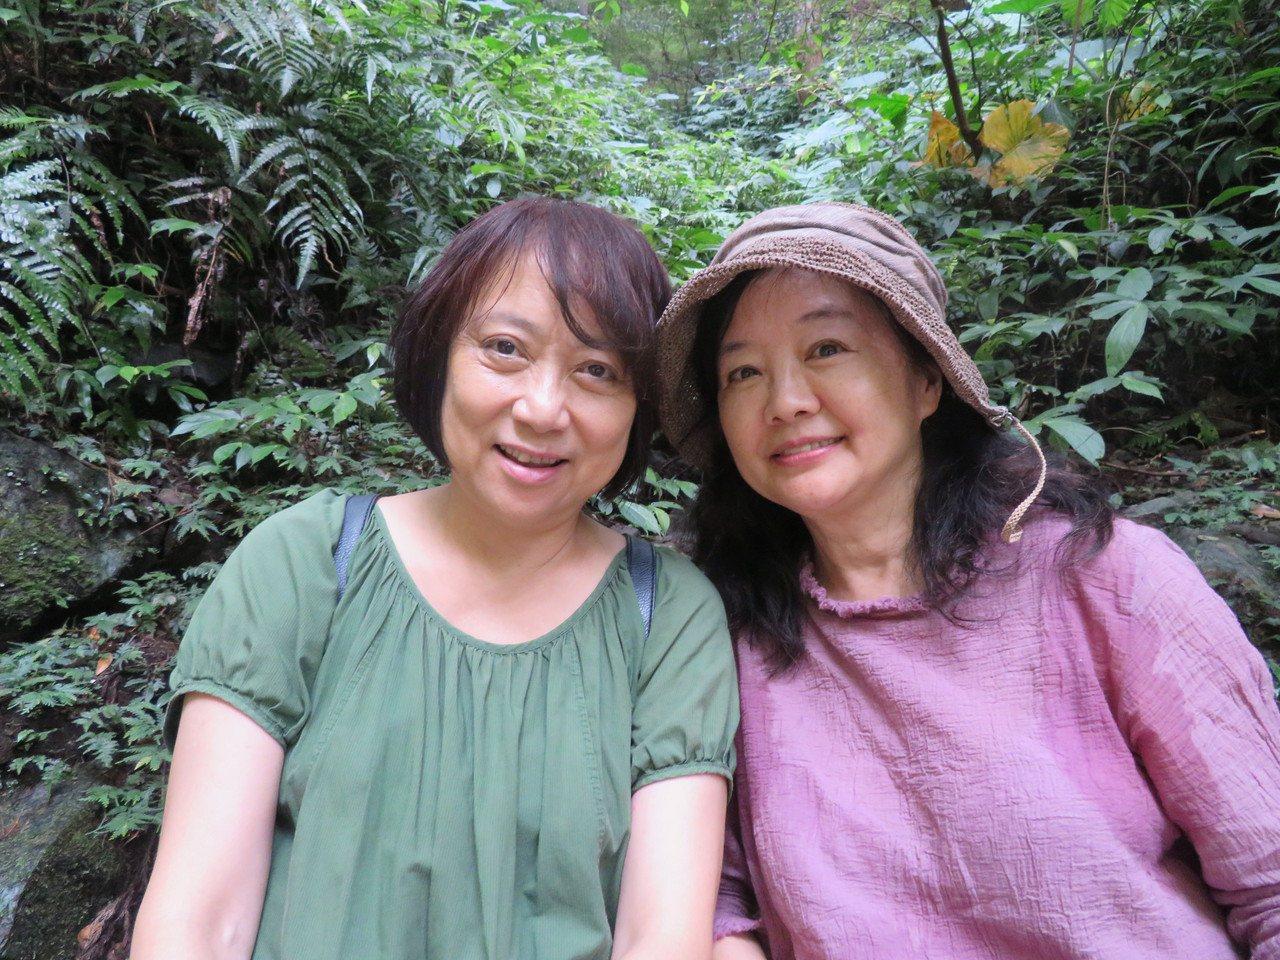 張詠漪(右)、何碧華(左)。圖/林育如攝影